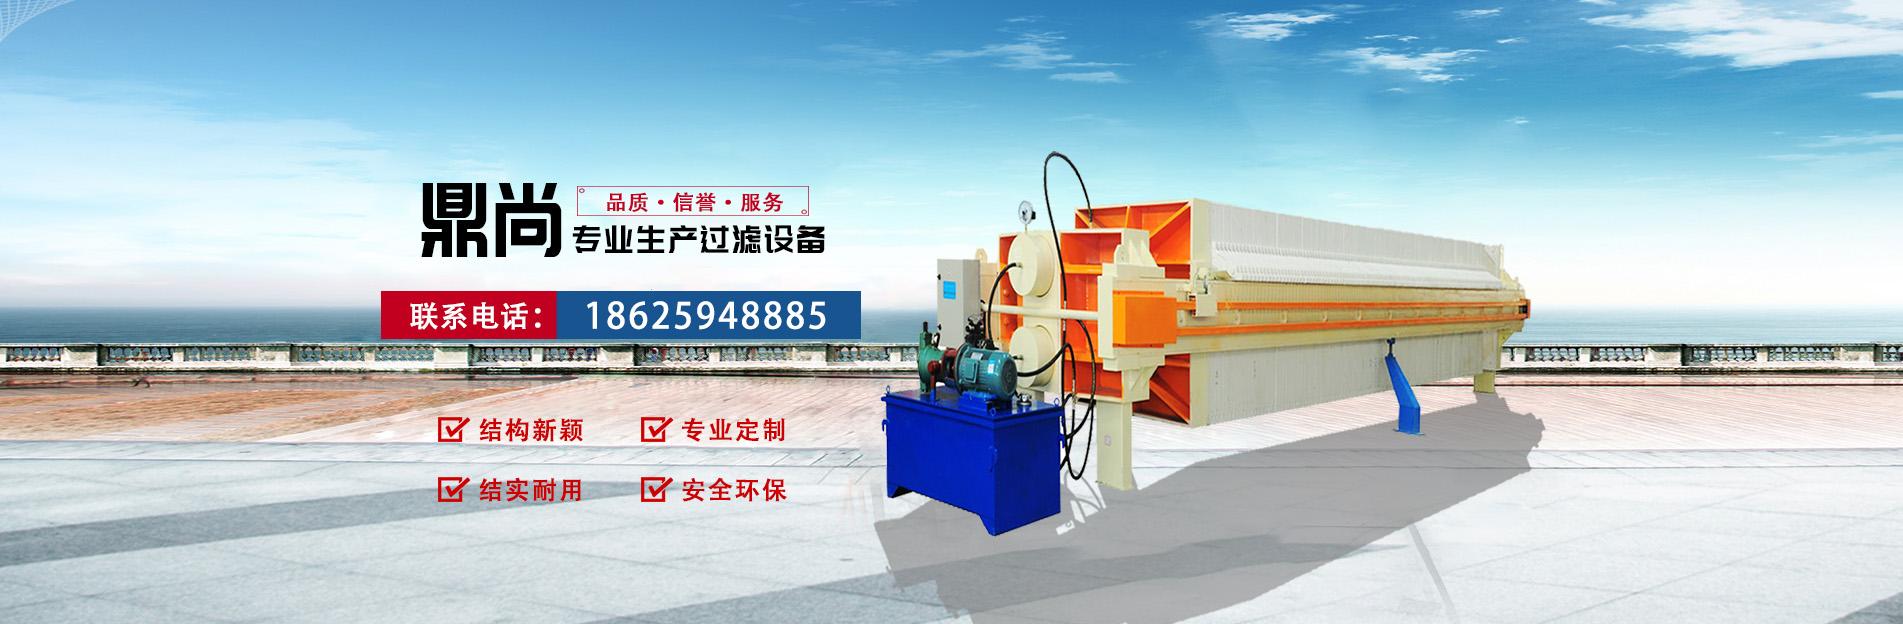 板框压滤机价格